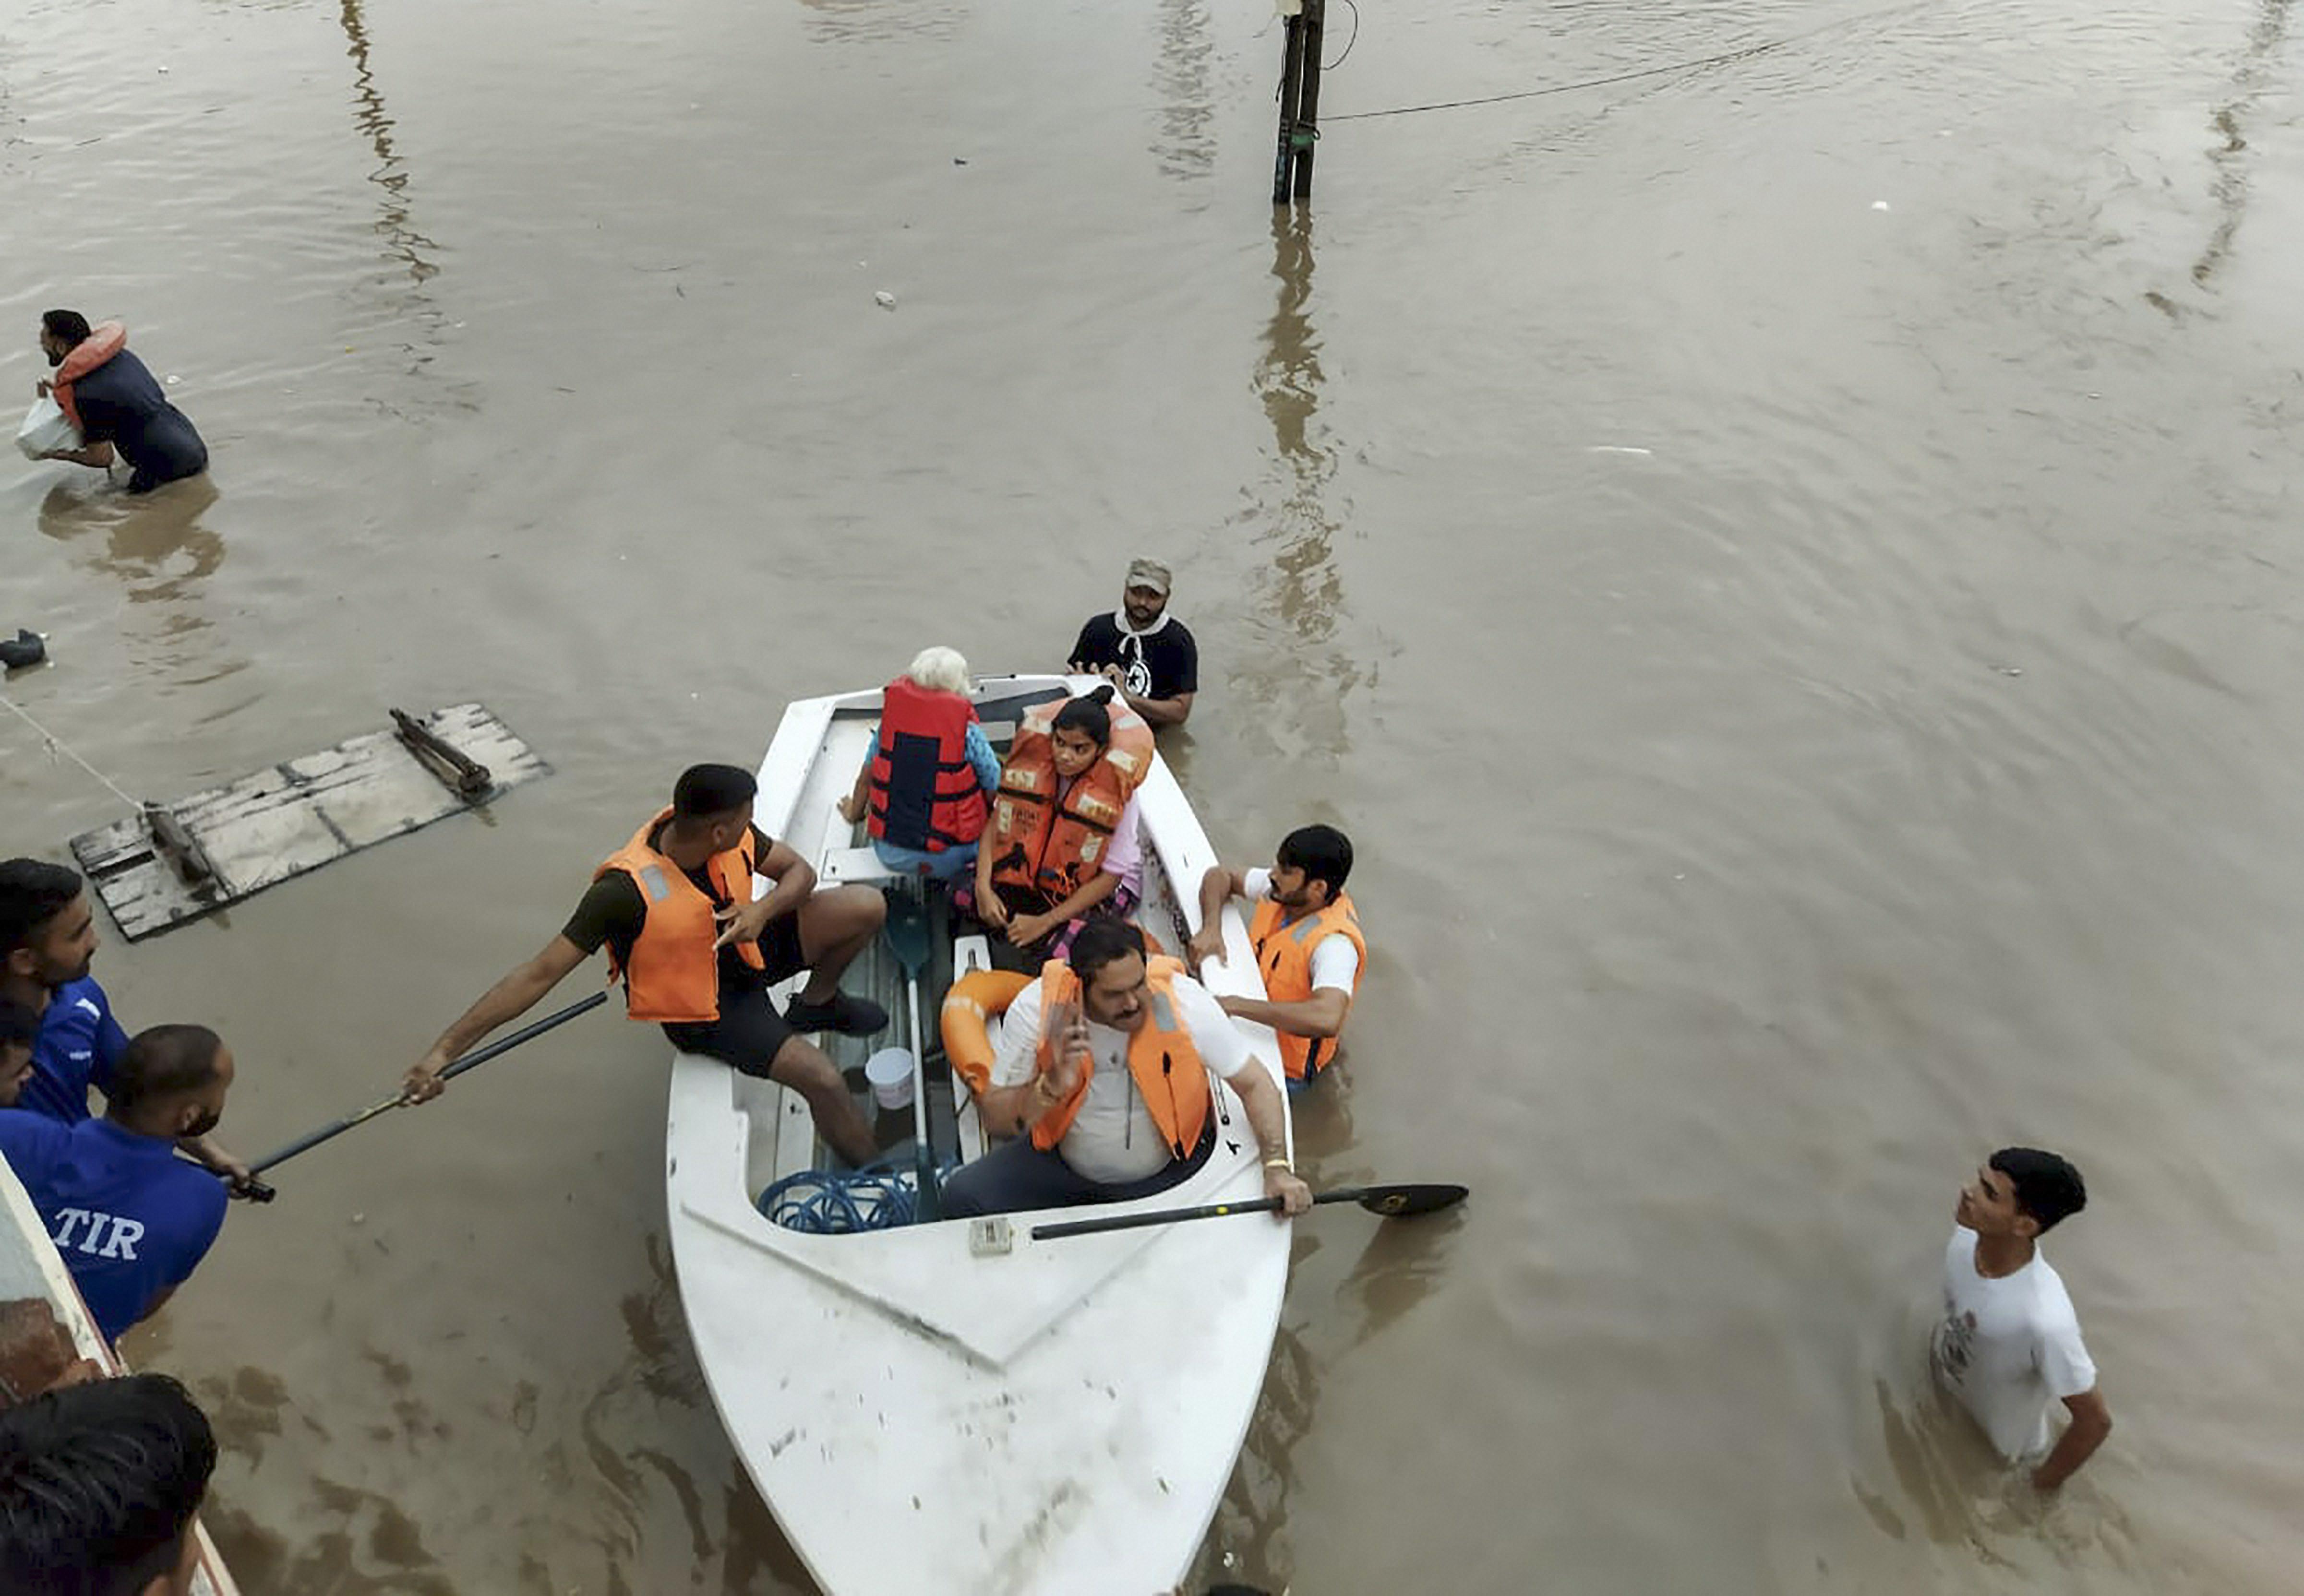 राजकोट में बाढ़ में फंसे लोगों रेस्क्यू करते हुए आपदा राहत की टीम। फोटो मंगलवार की है।